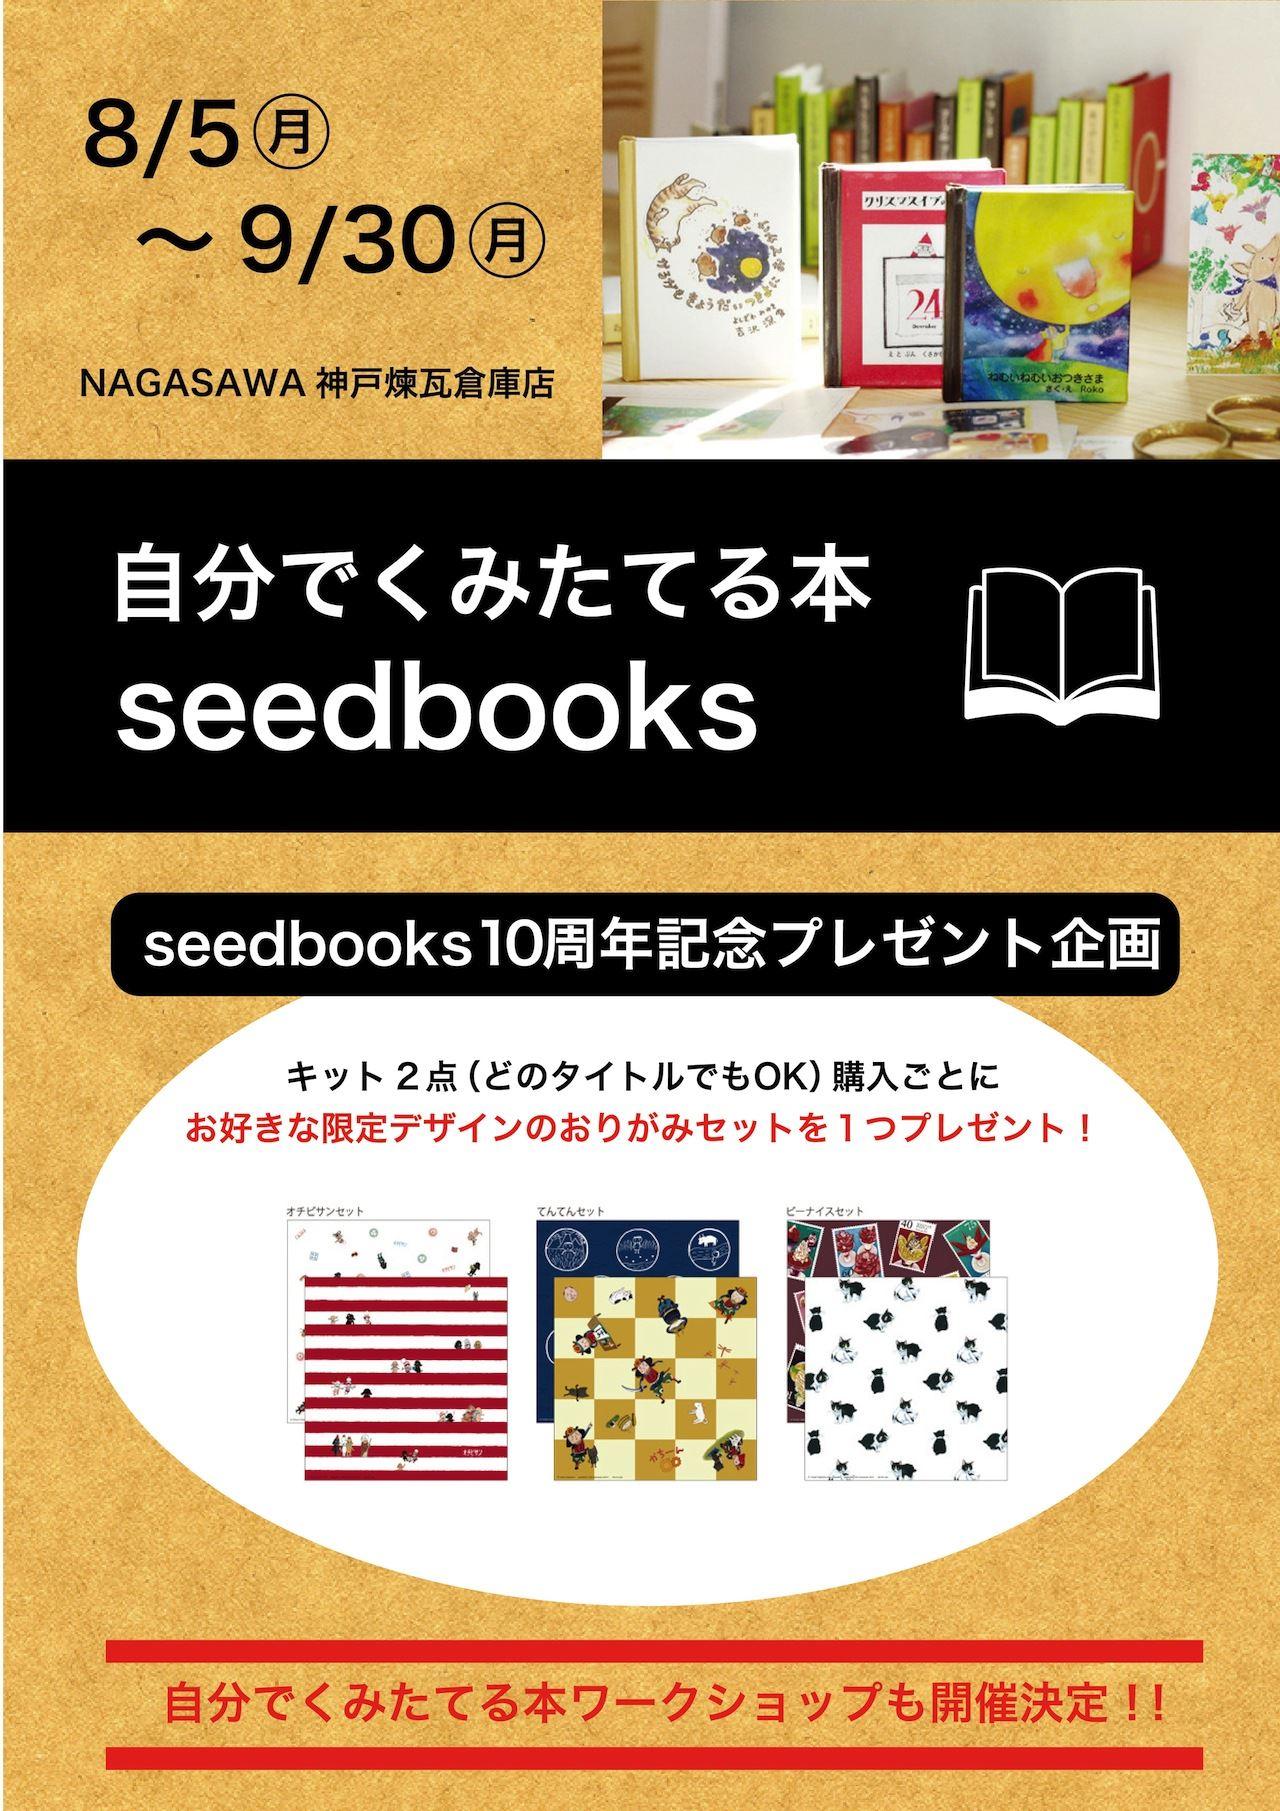 【神戸煉瓦倉庫店】自分でくみたてる本 『seedbooks』夏休みの思い出に・記念にいかがでしょうか?